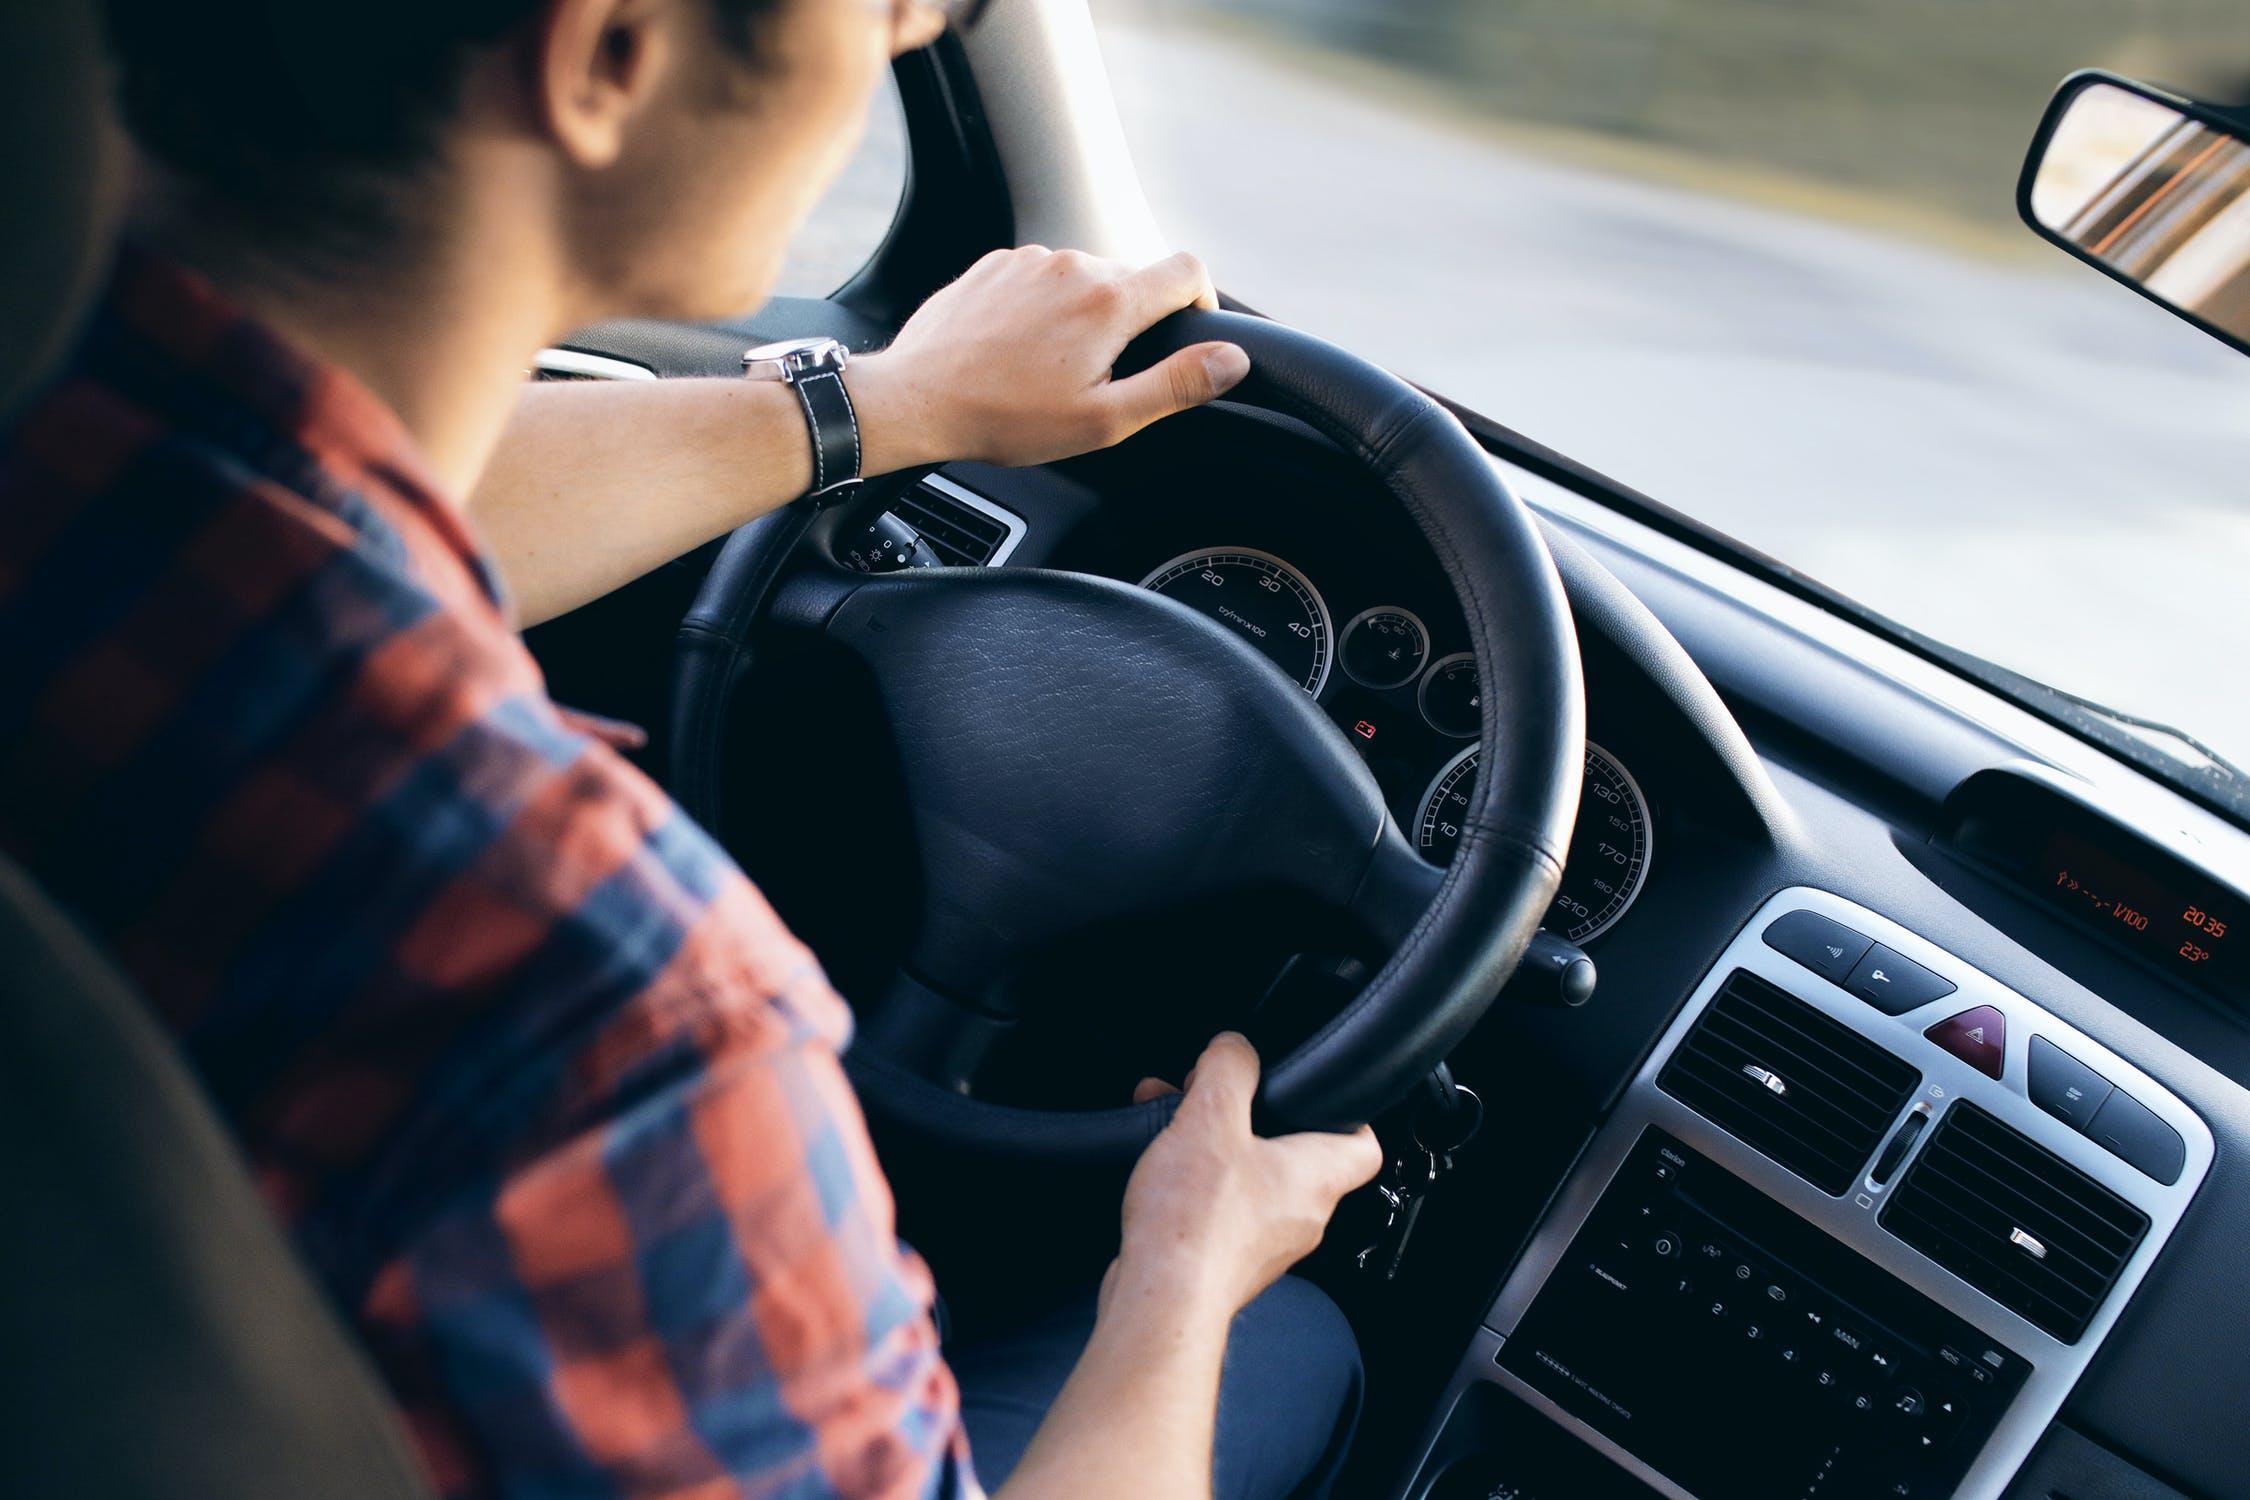 Prawo jazdy 2020 – zmiany w egzaminach